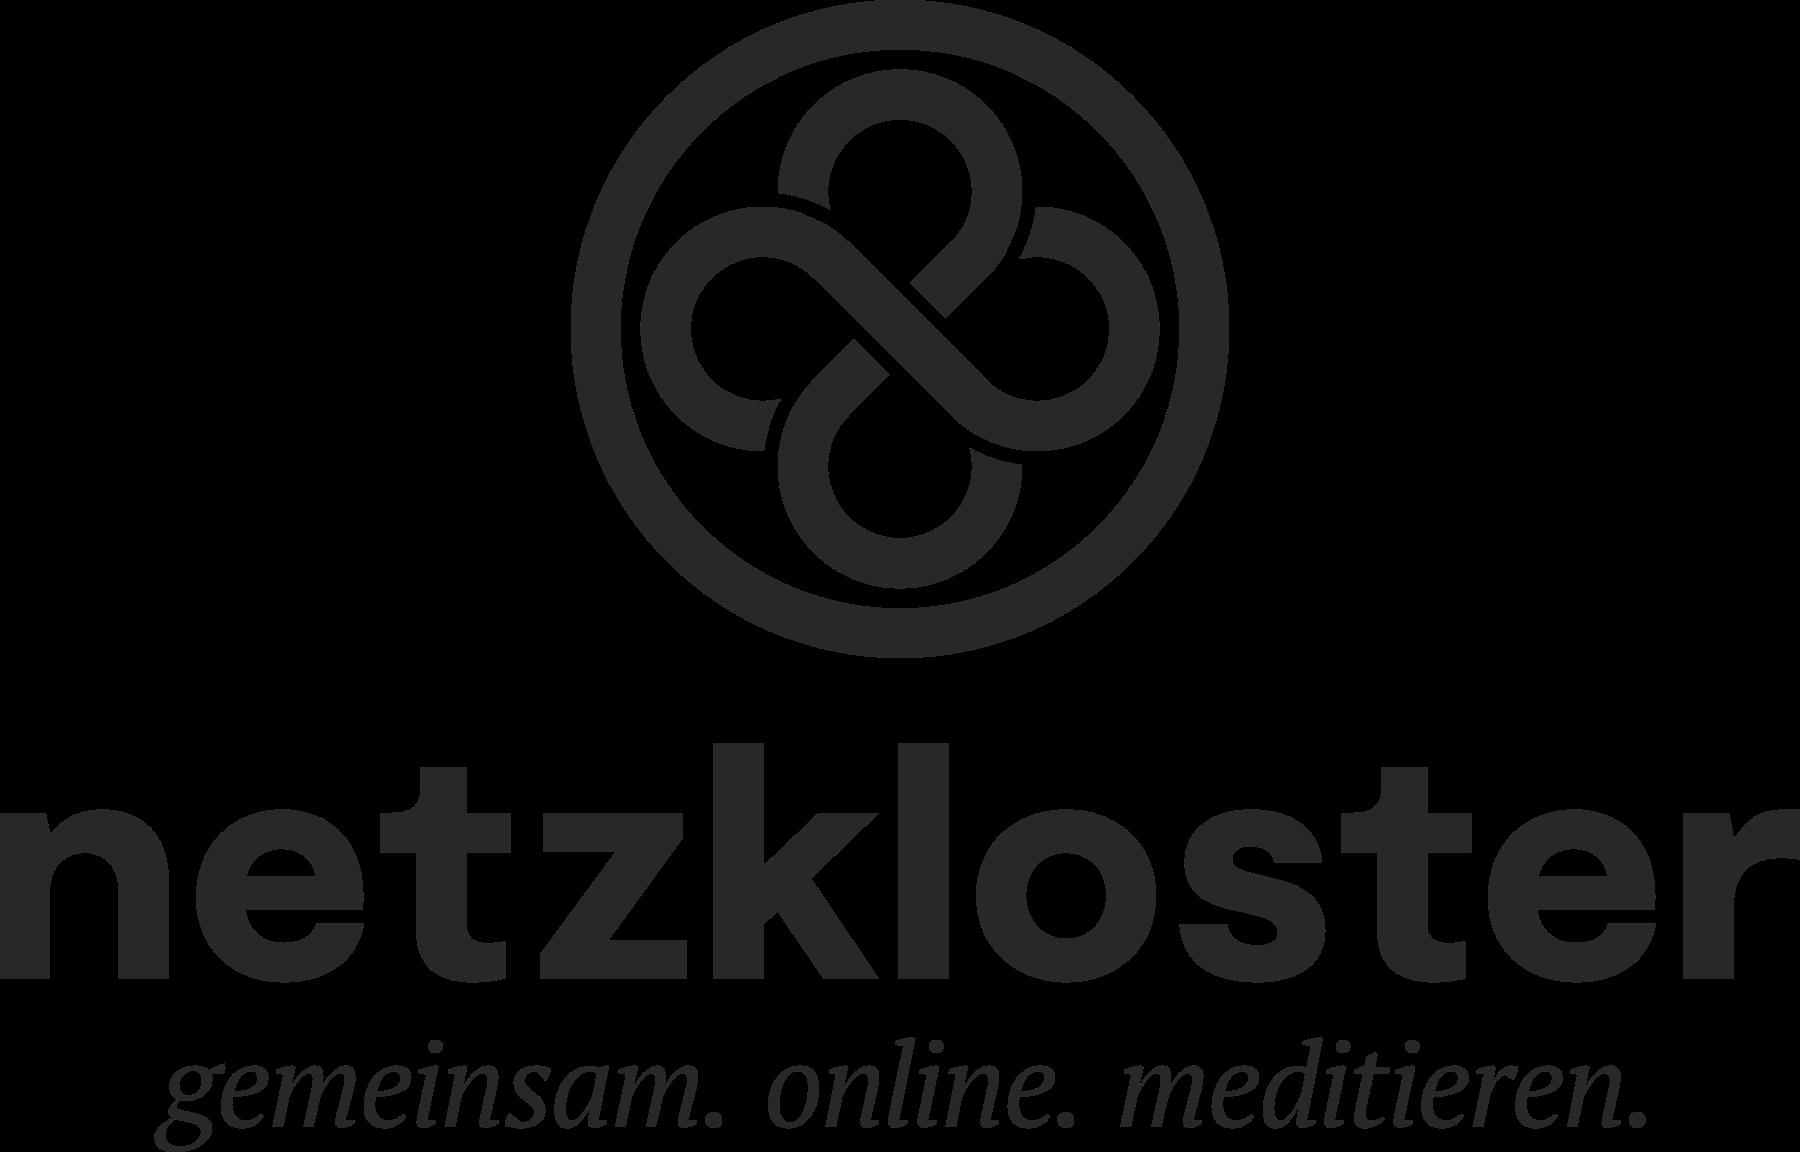 netzkloster logo